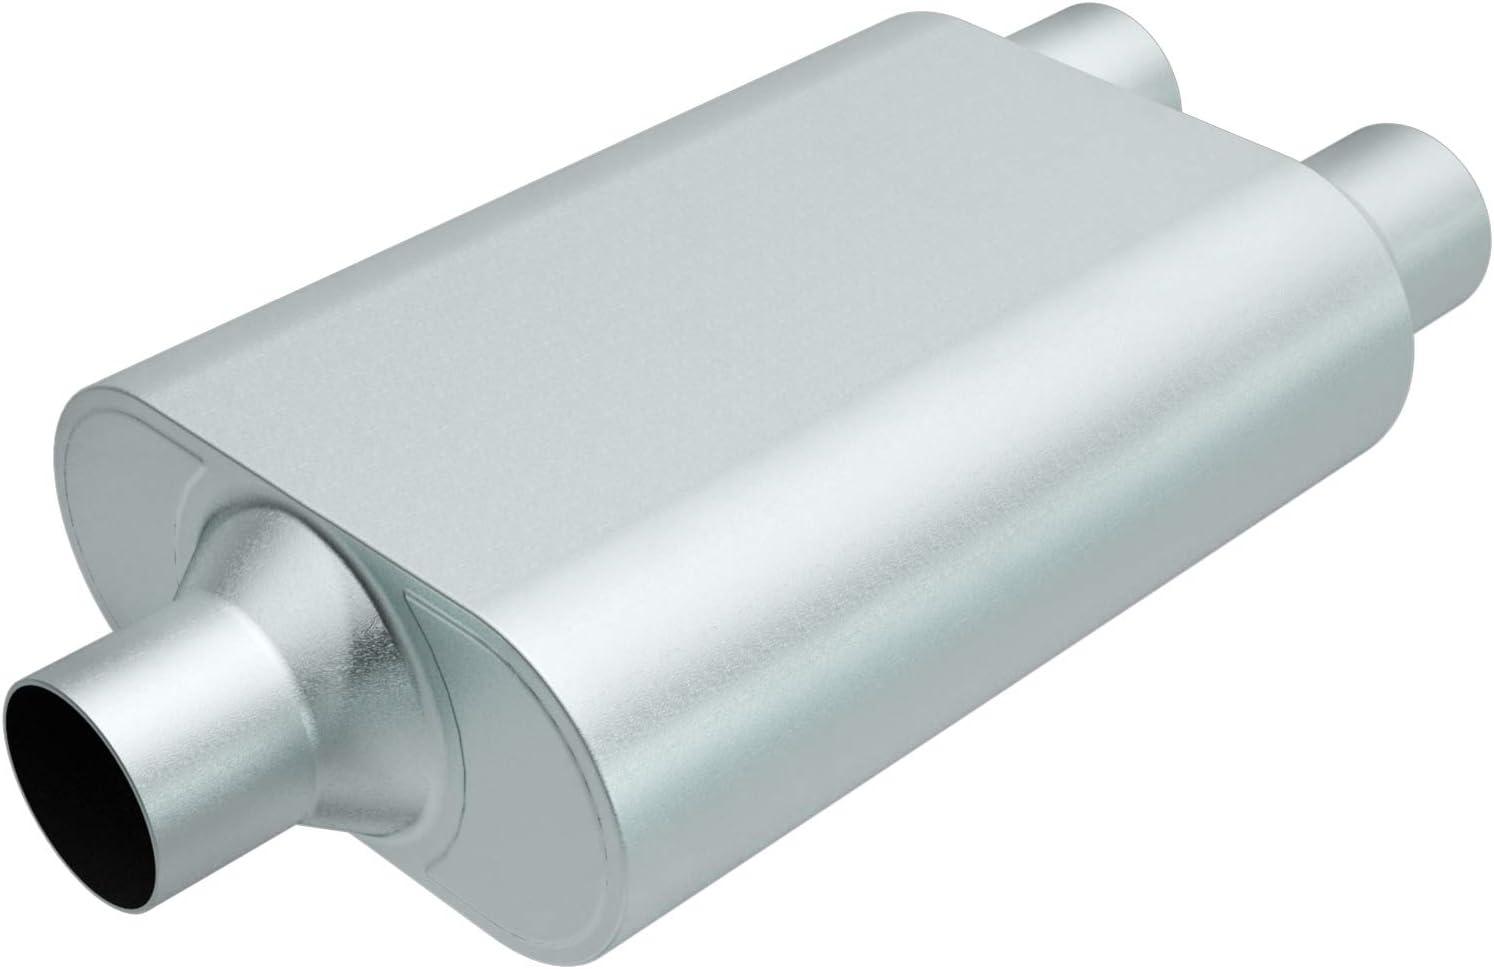 MagnaFlow R25422 Exhaust Muffler (RUMBLE 13X4.25X9.5 2.5/2.25 C/